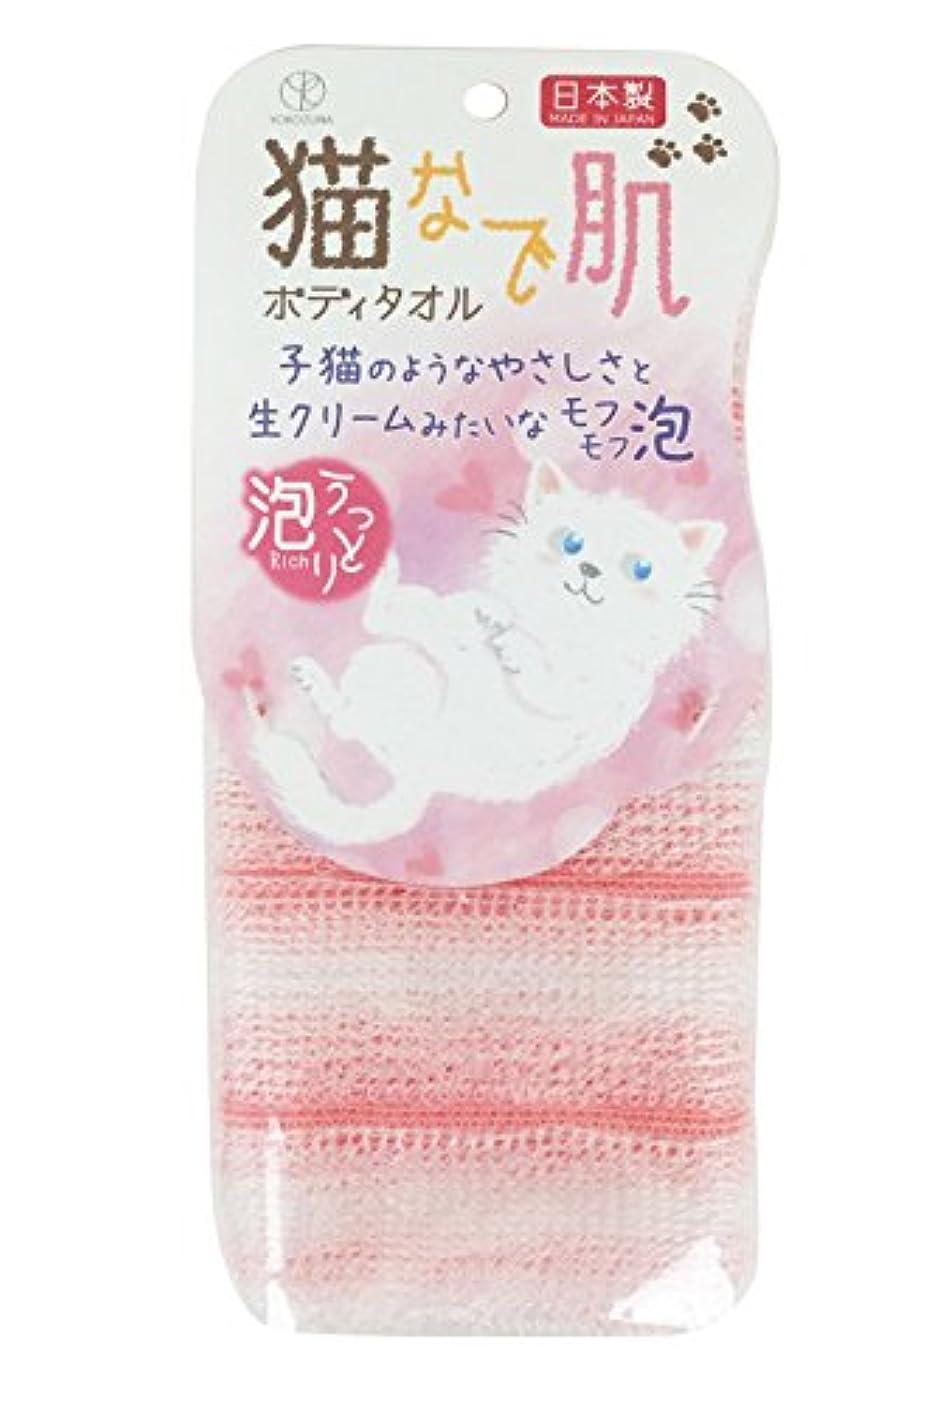 台風東ティモールデッキ猫なで肌ボディタオル ピンク